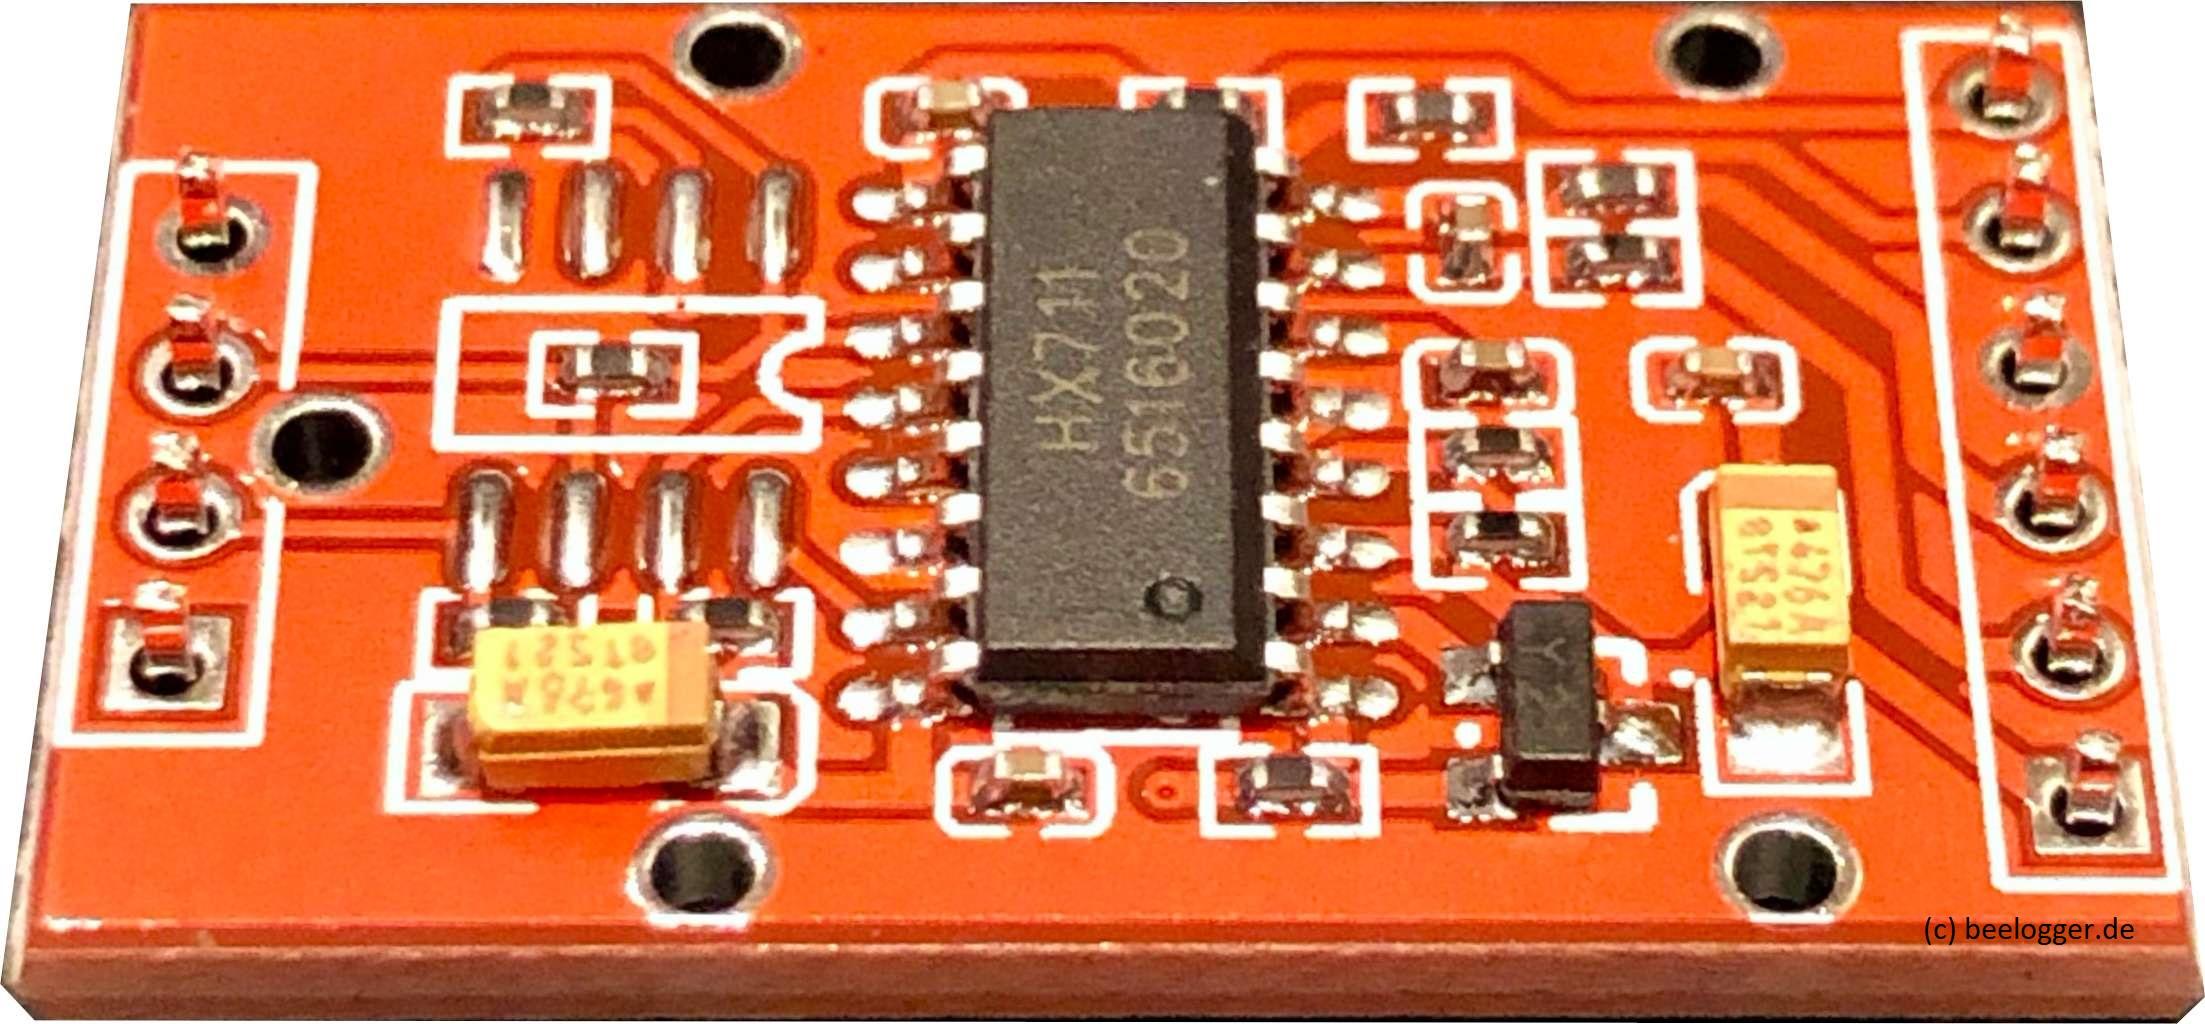 HX711Platine, rot mit vollständiger Bestückung beider Kanäle, hier Bild der Bestückungsseite